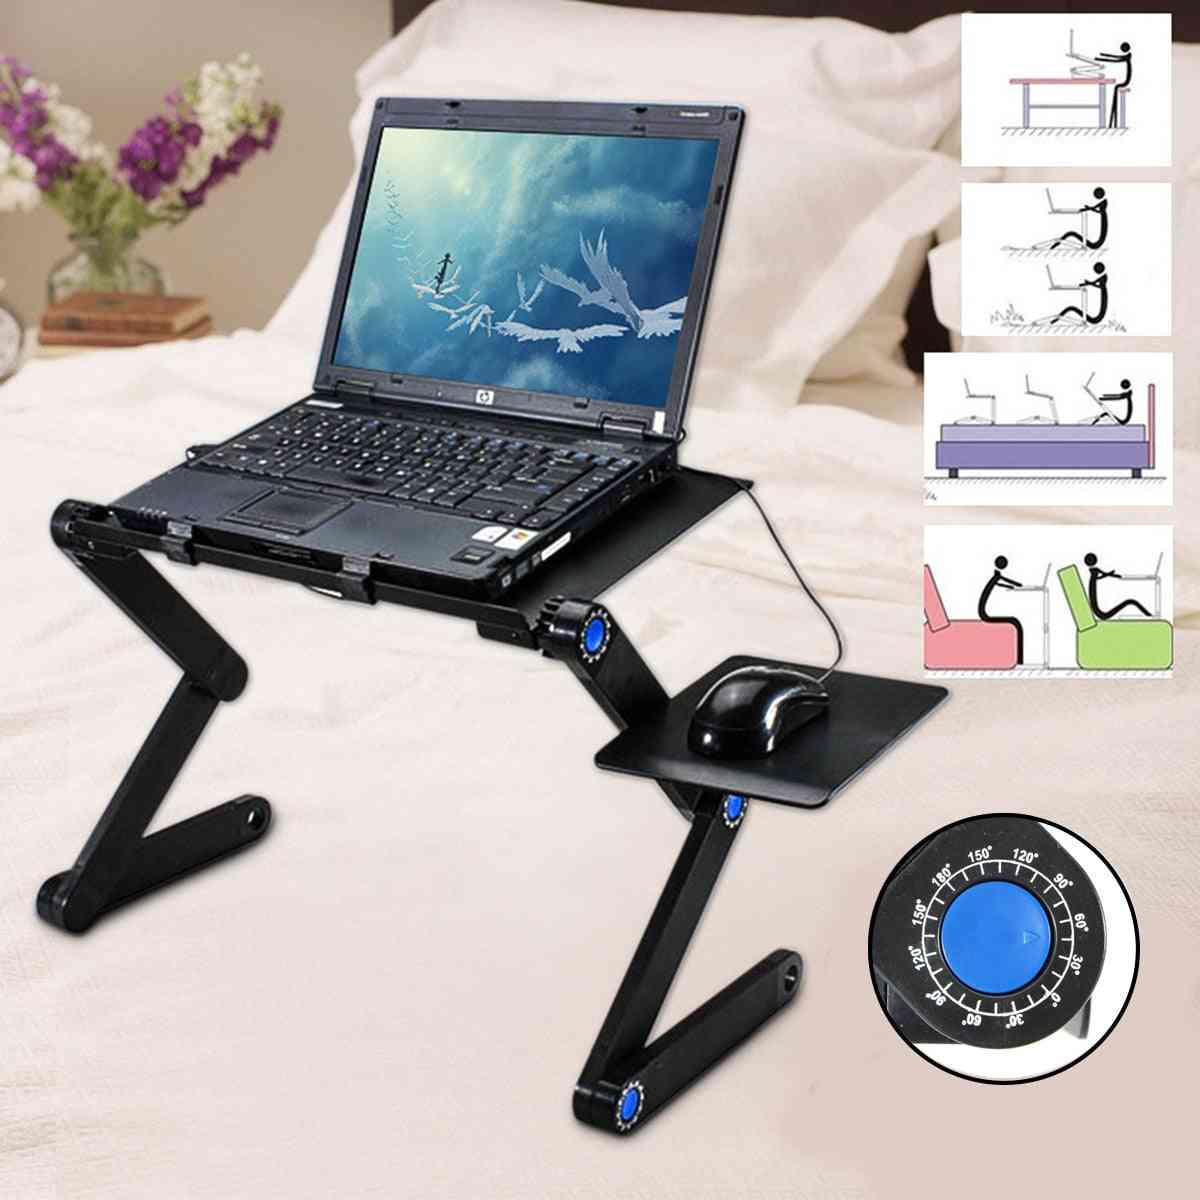 360 Degree Foldable Adjustable Laptop Desk Table Stand Holder